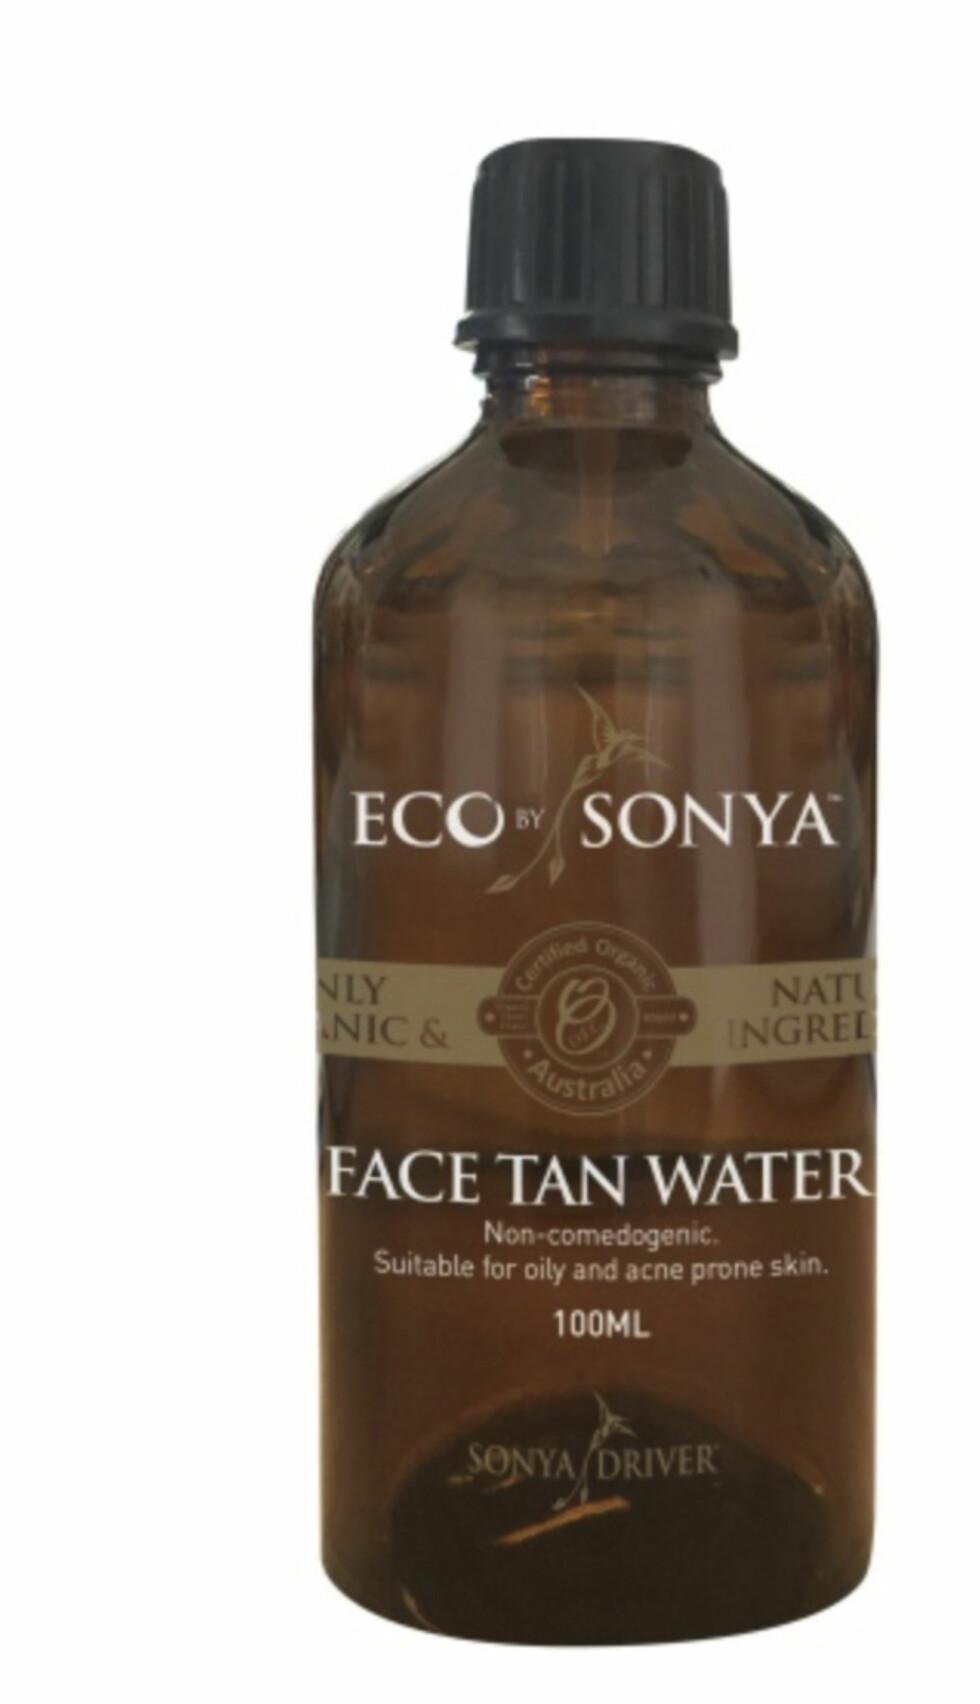 3. For ansiktet (kr 380, Eco Sonya, Face The Water).